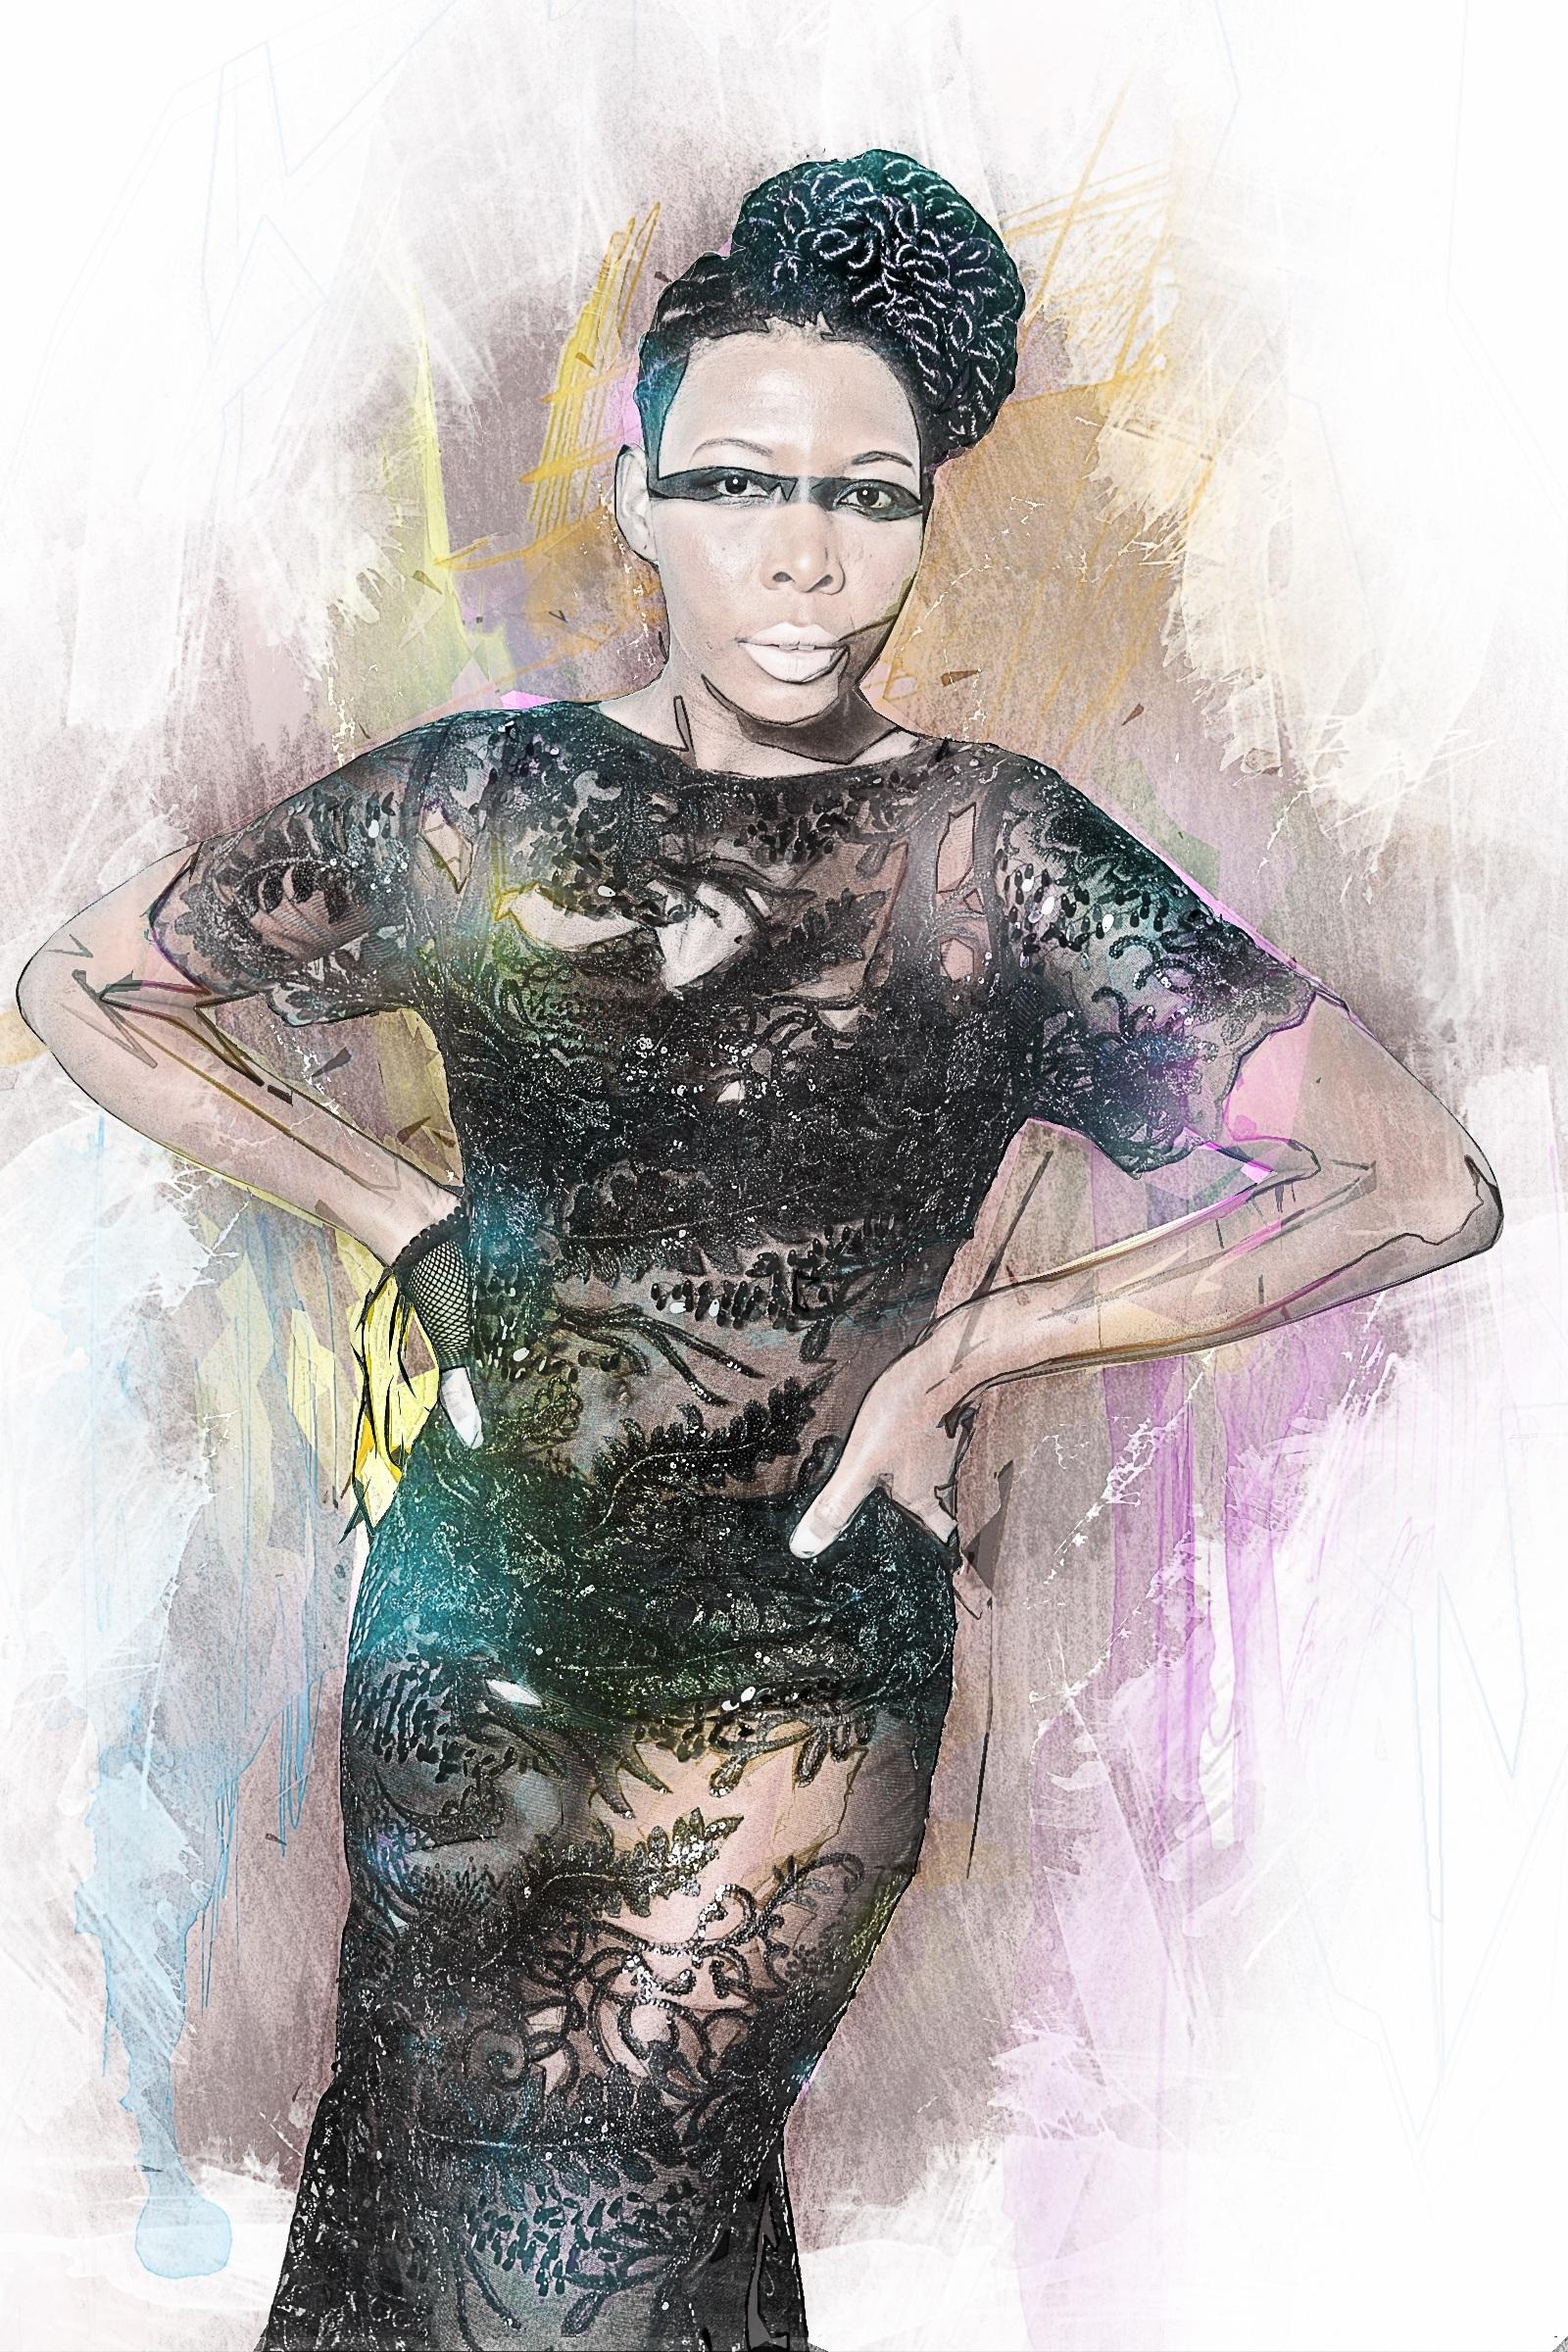 Images Gratuites La Personne Femme Femelle Portrait Maquette